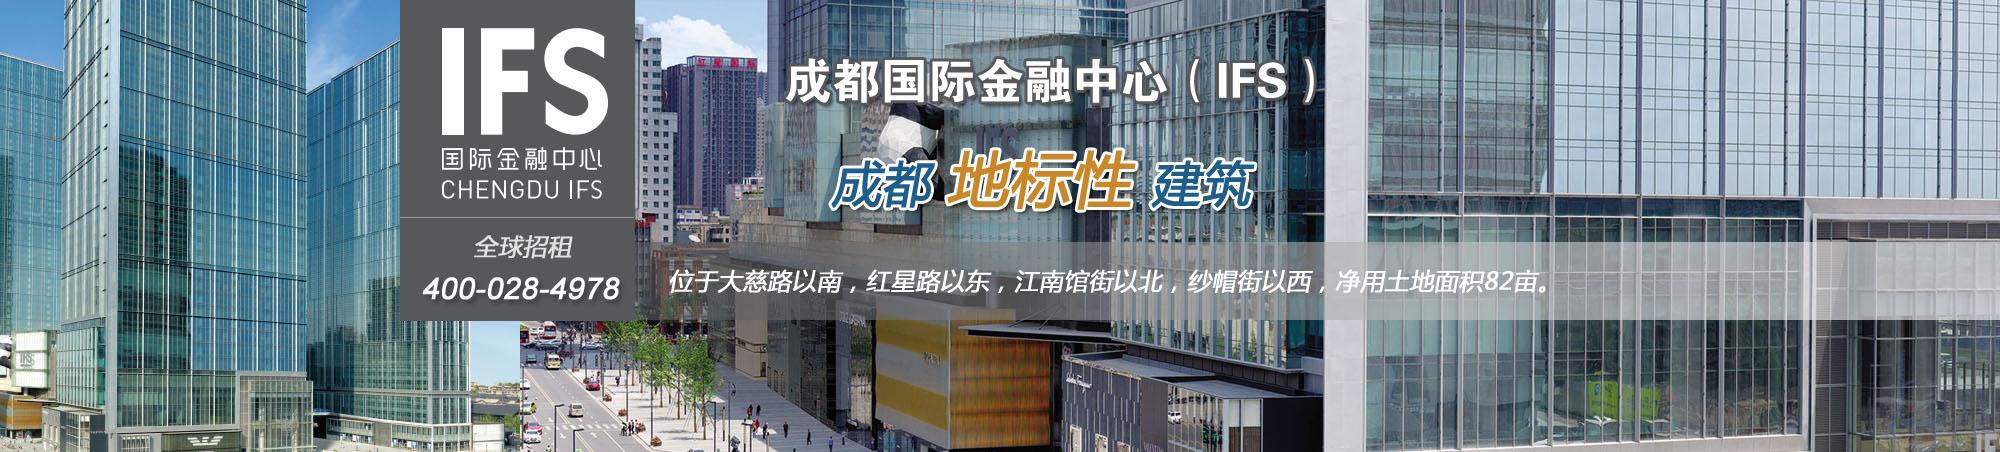 成都国际金融中心(IFS)